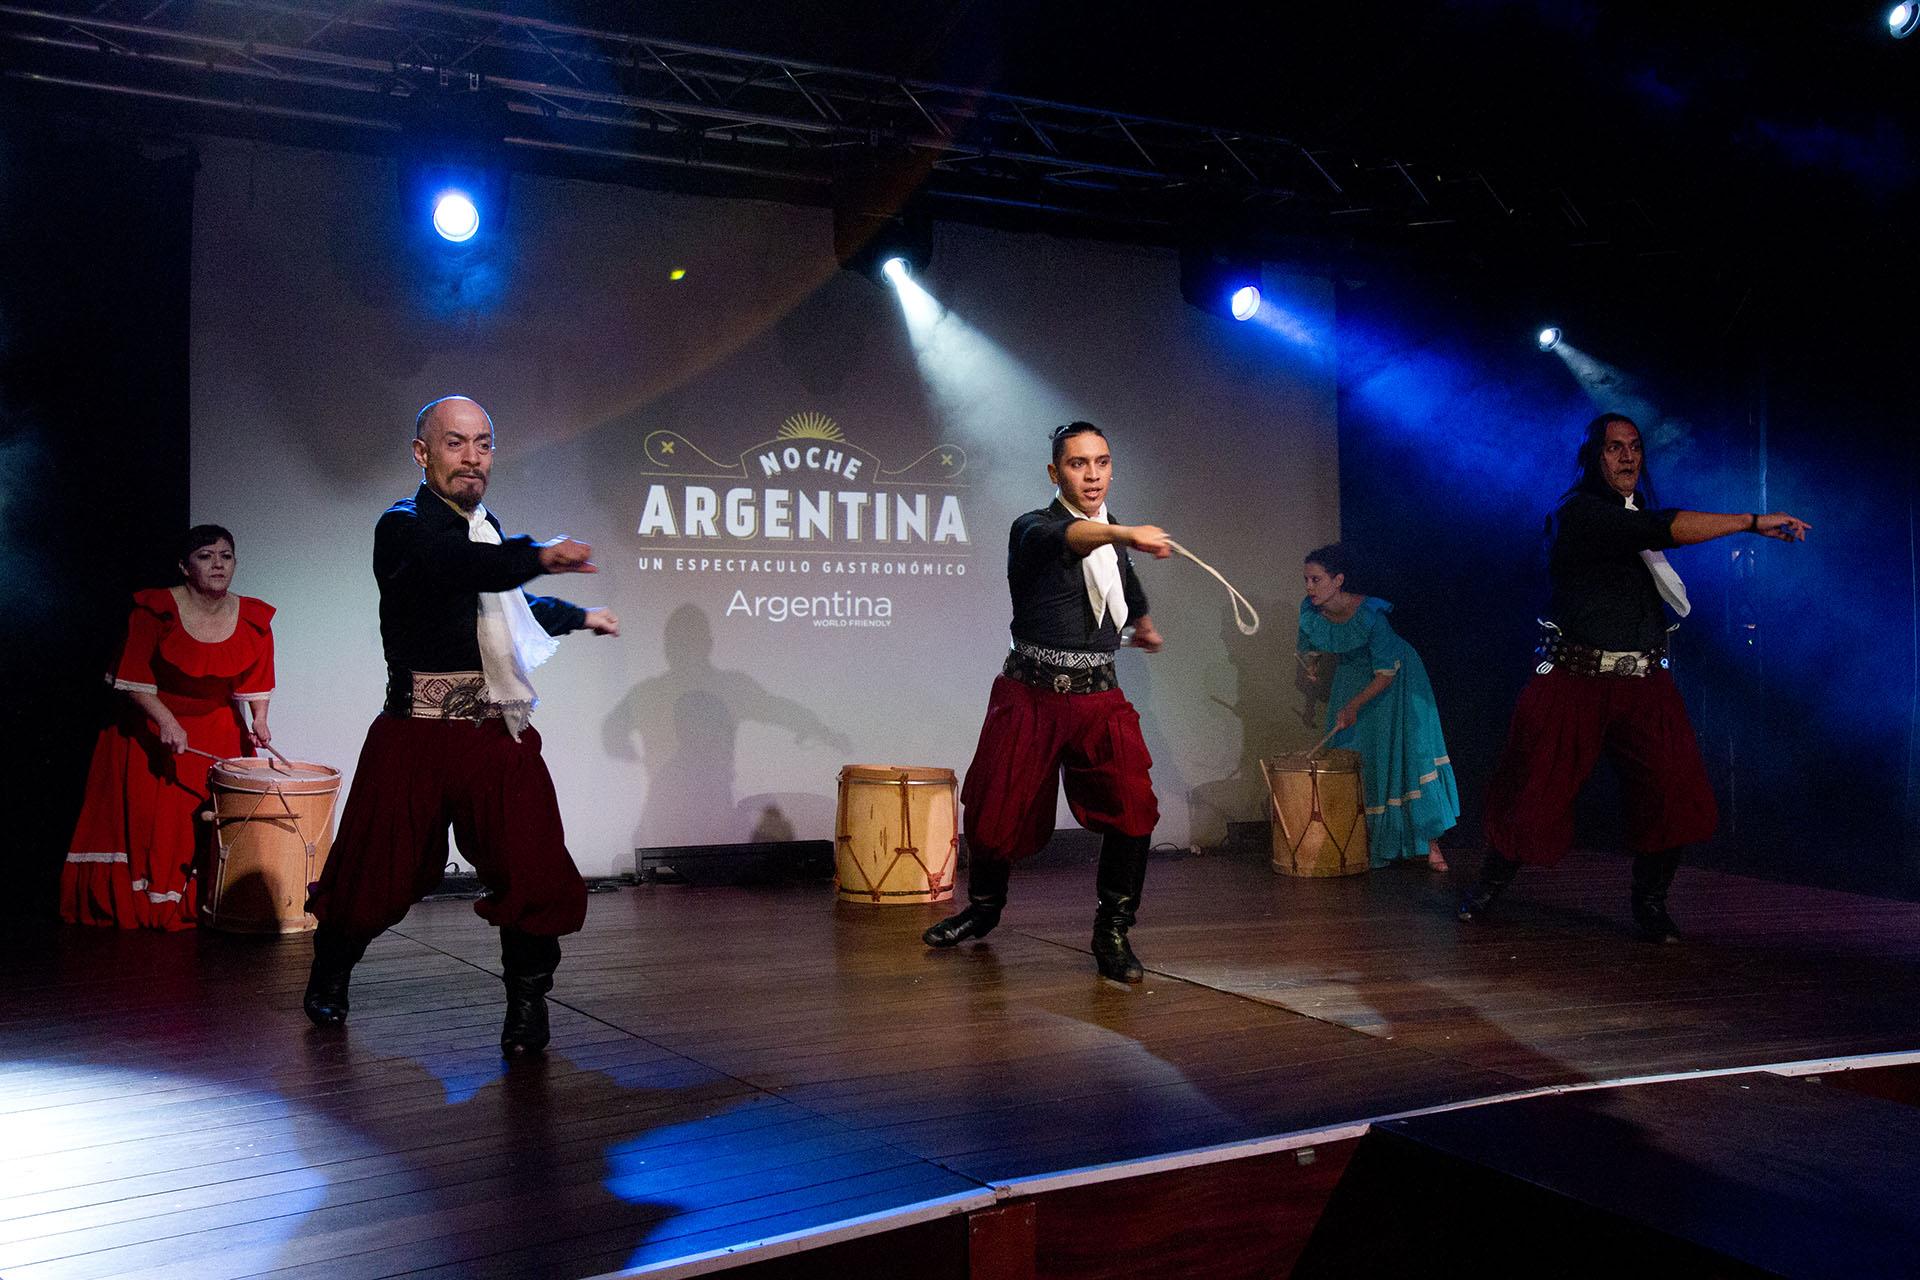 Argentina también tuvo propia su noche de gala: se realizaron shows de tango y folclore, degustaciones de vinos, tragos y comidas típicas.